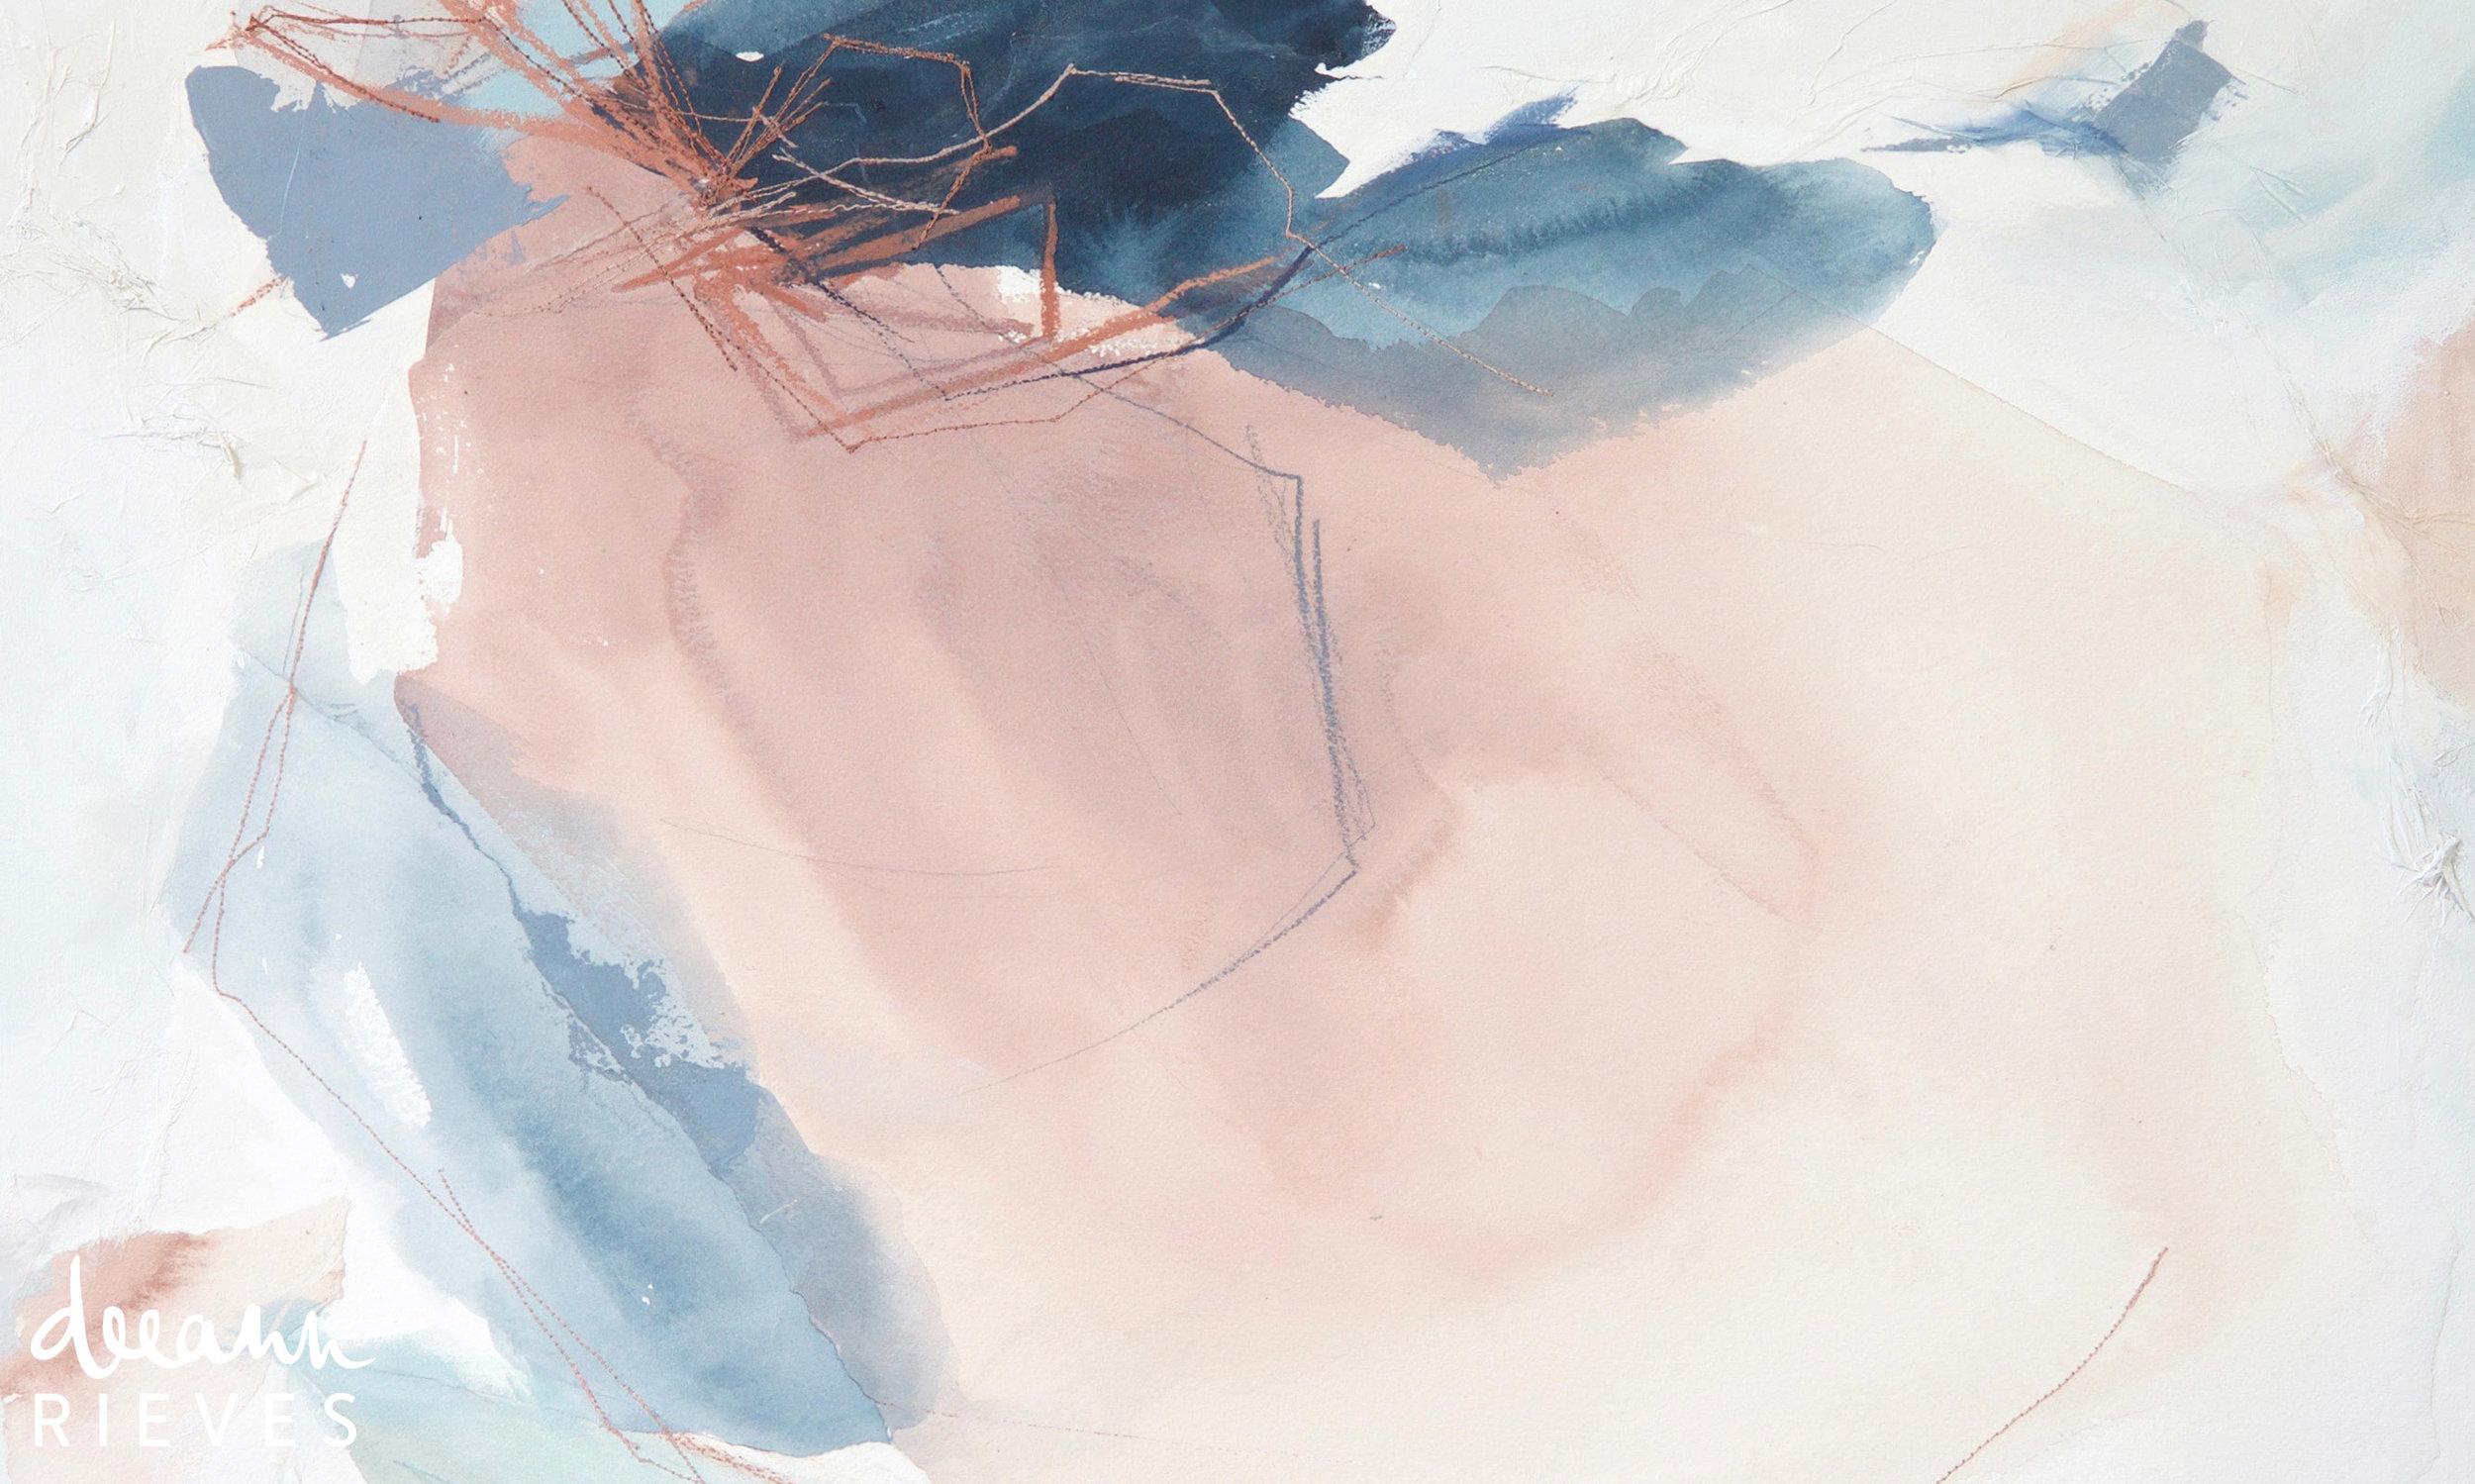 deeann-rieves-blush-blue-grey-abstract.jpg